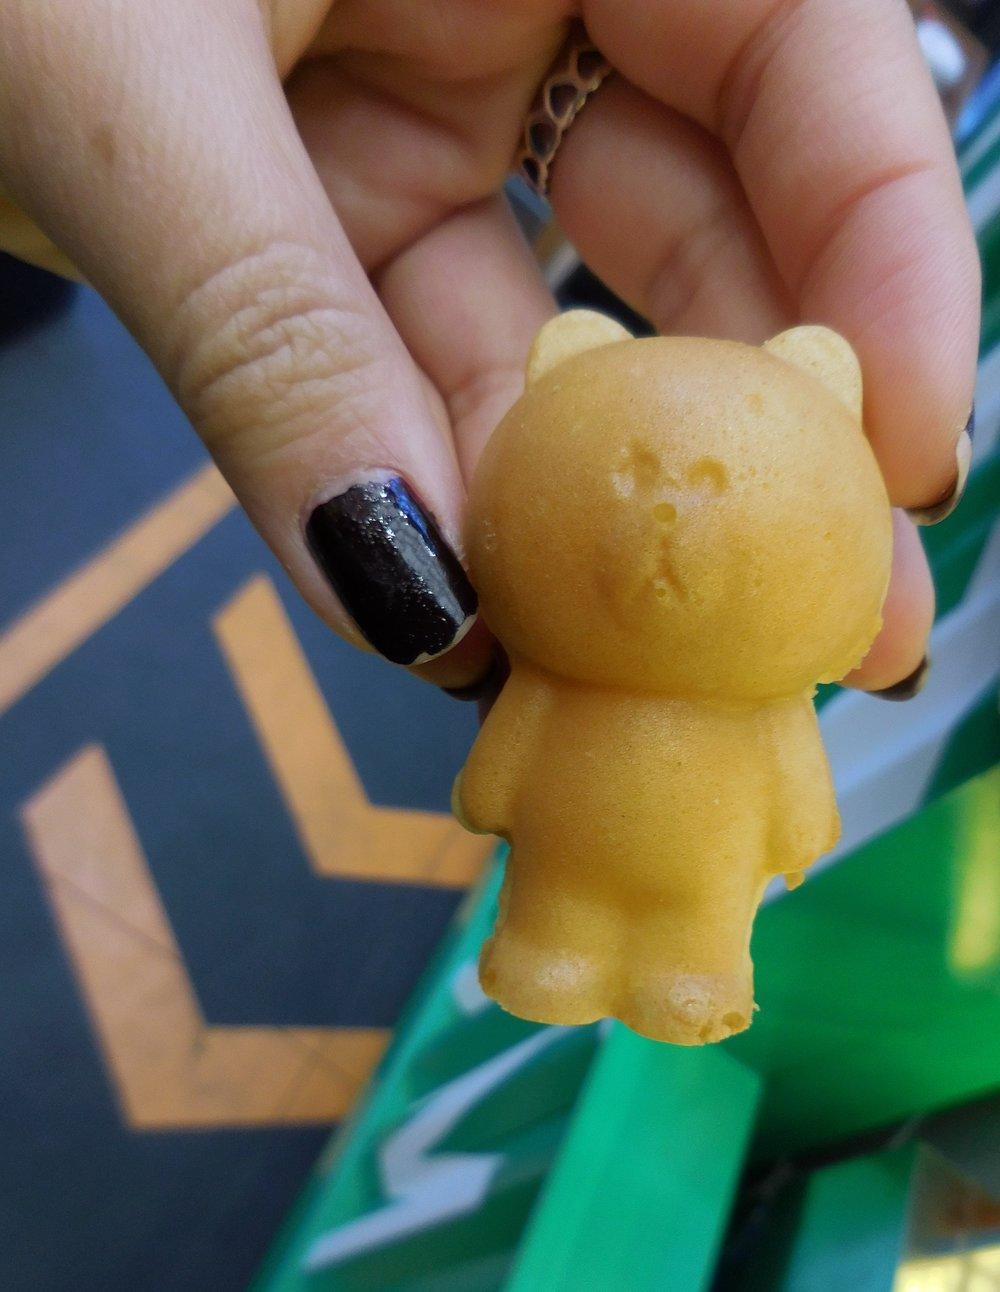 Teddy bears with custard inside!